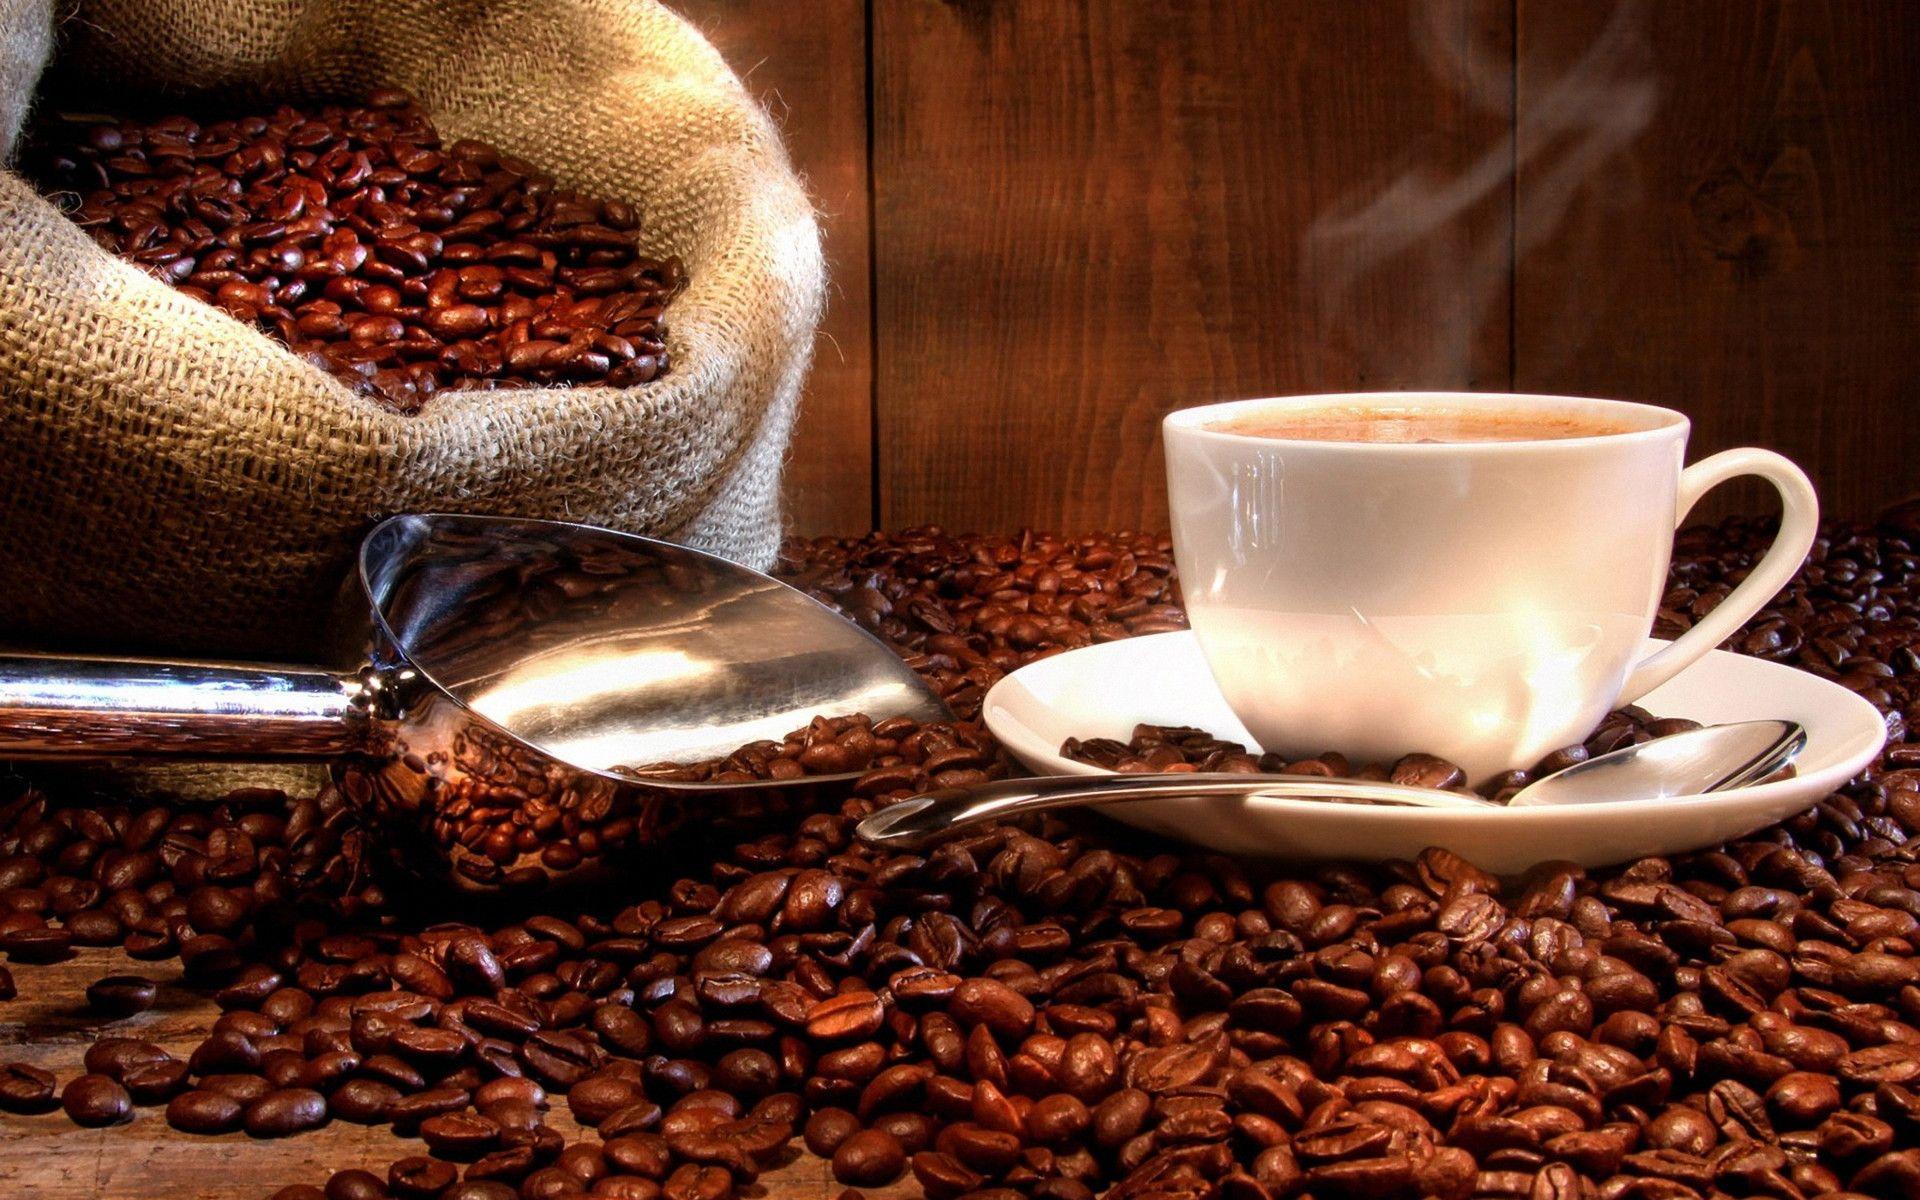 ghép ảnh ly cà phê